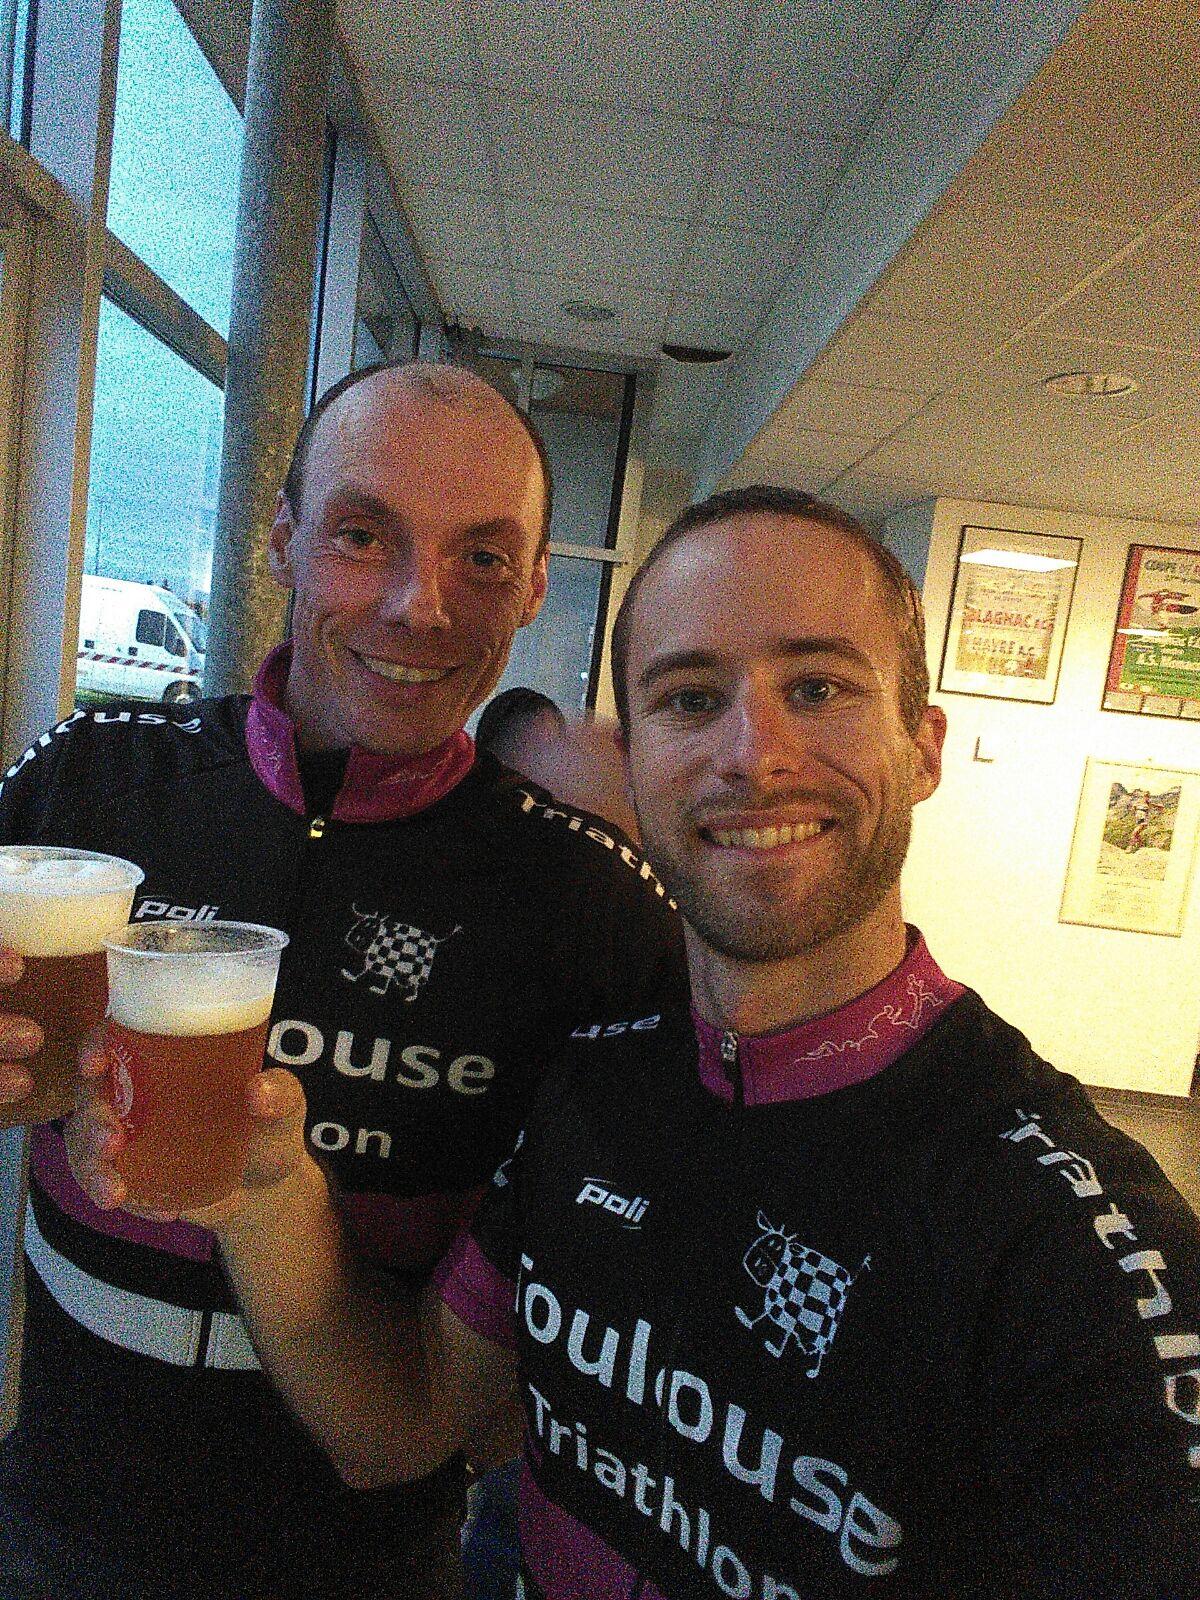 La bière après le Trail des Caouecs